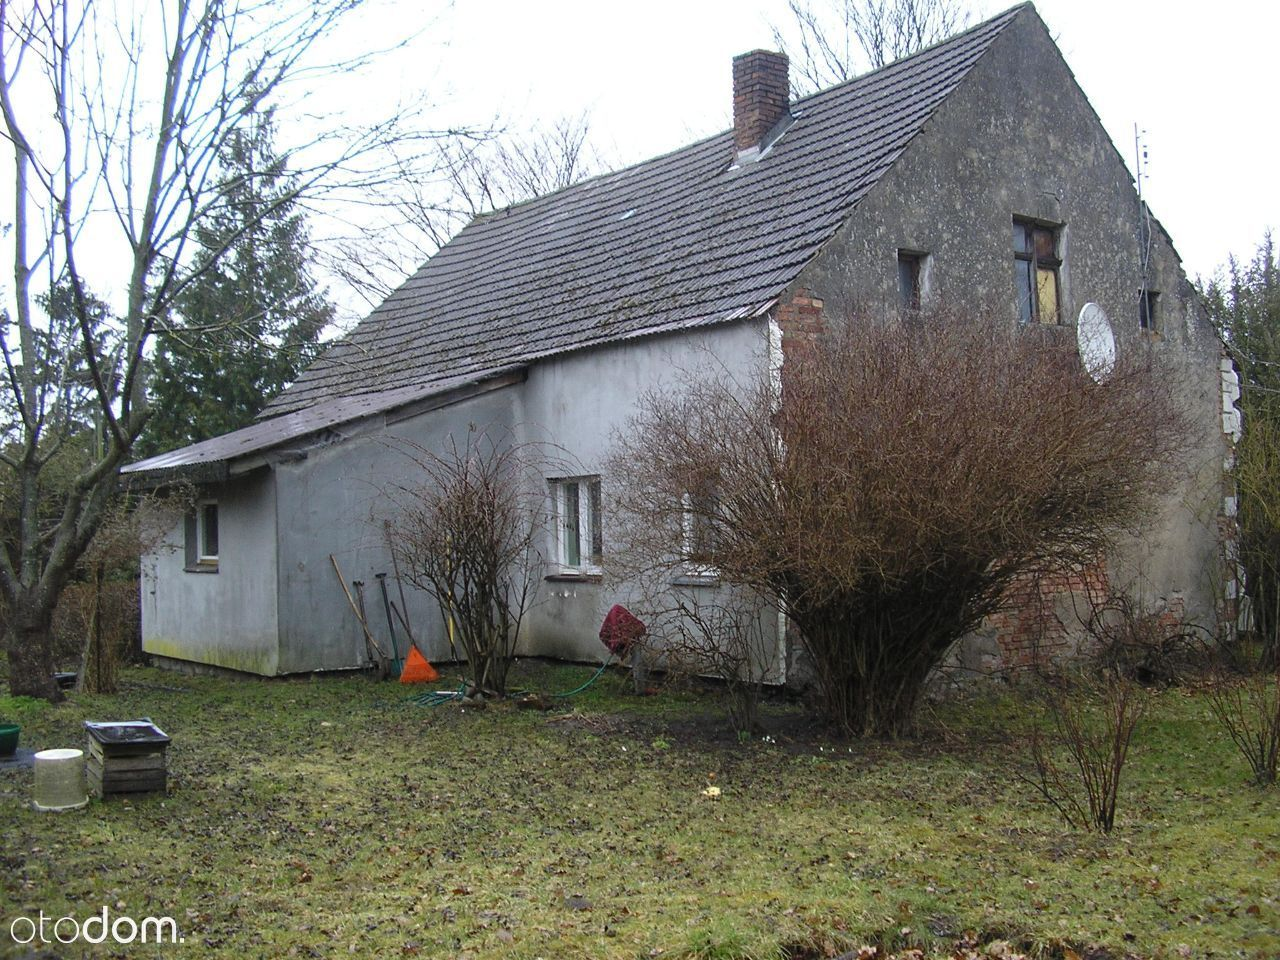 Dom po remoncie blisko miasta na dużej działce